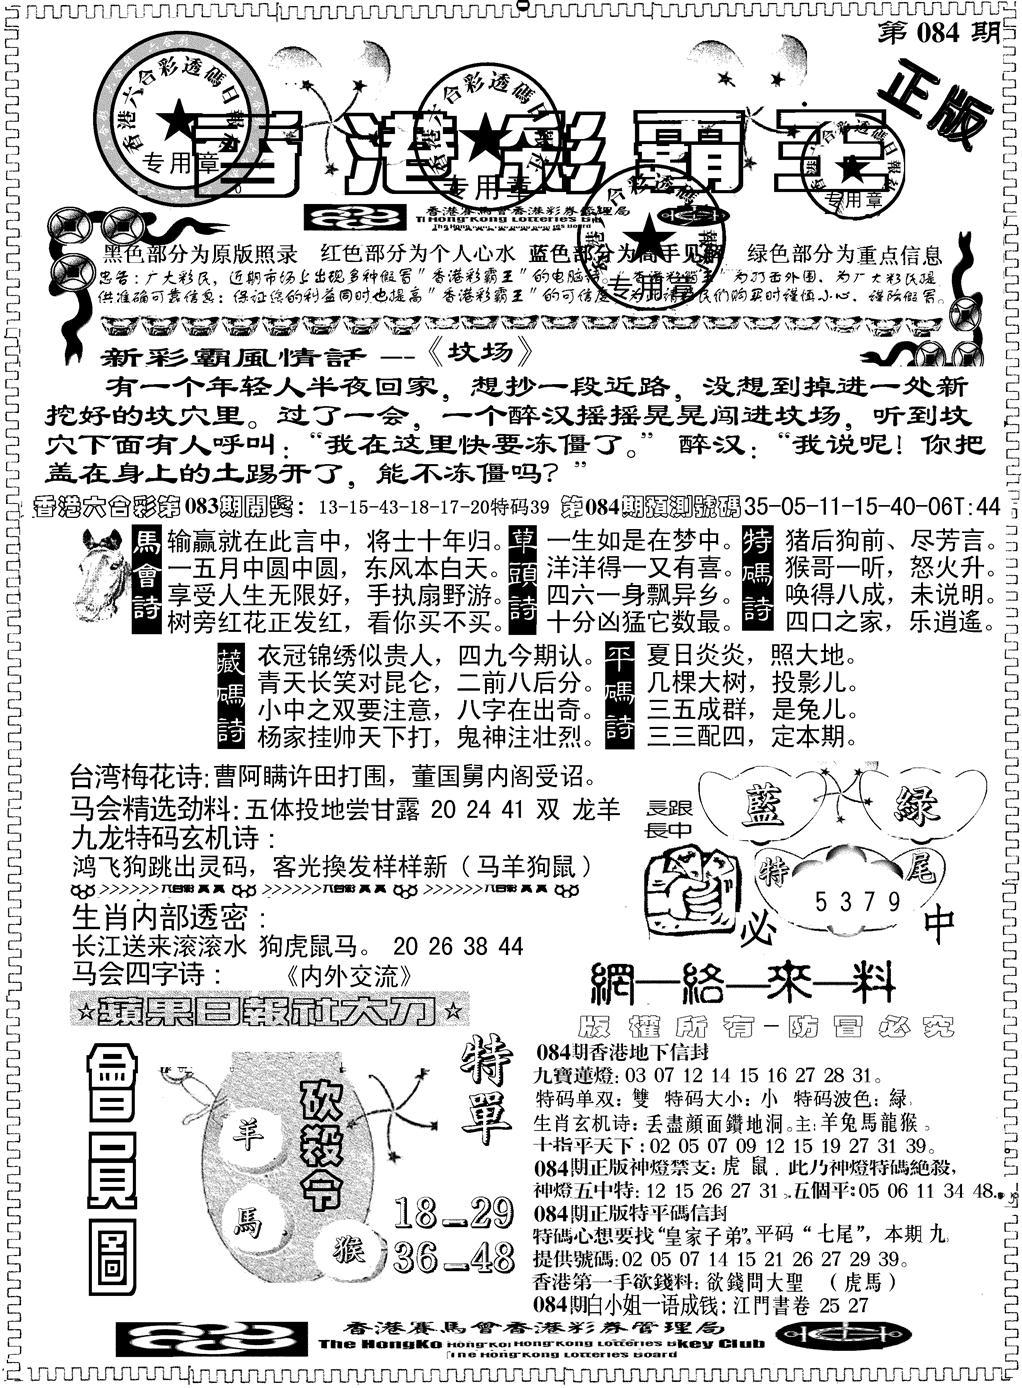 084期另版新版彩霸王A(黑白)